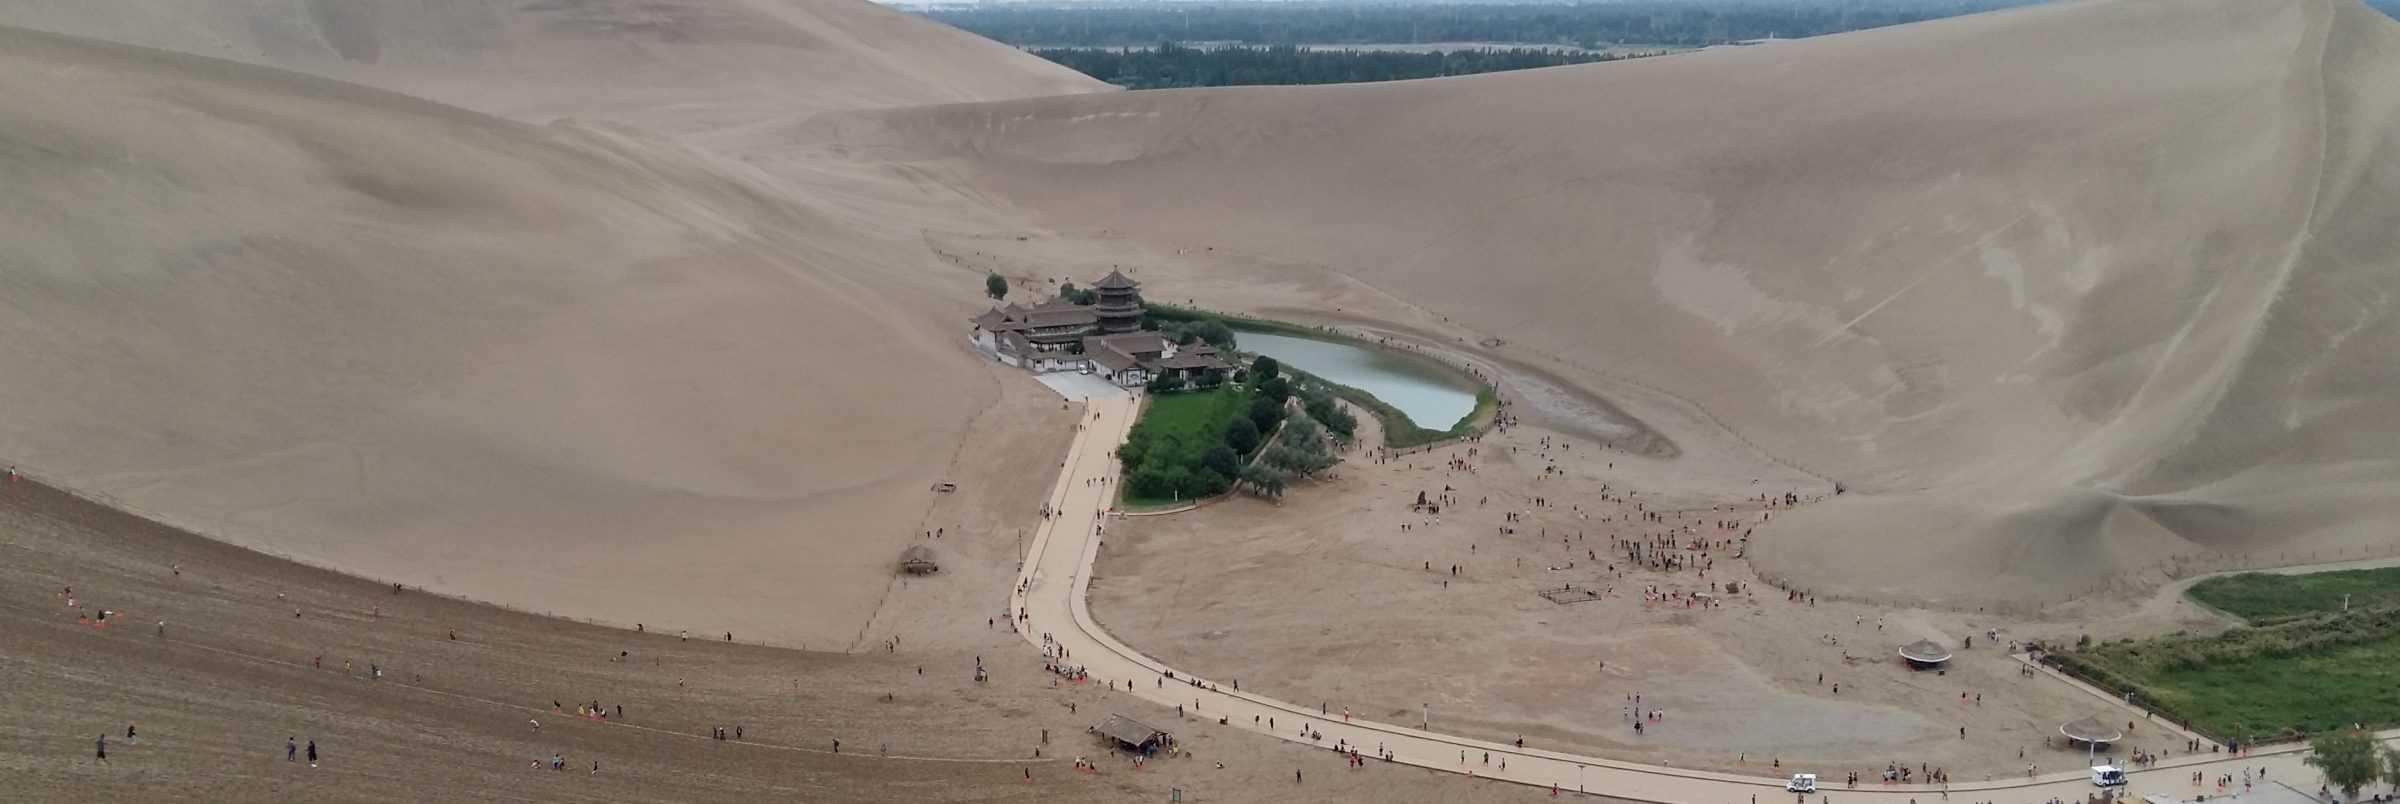 Crescent Lake, Dunhuang, China